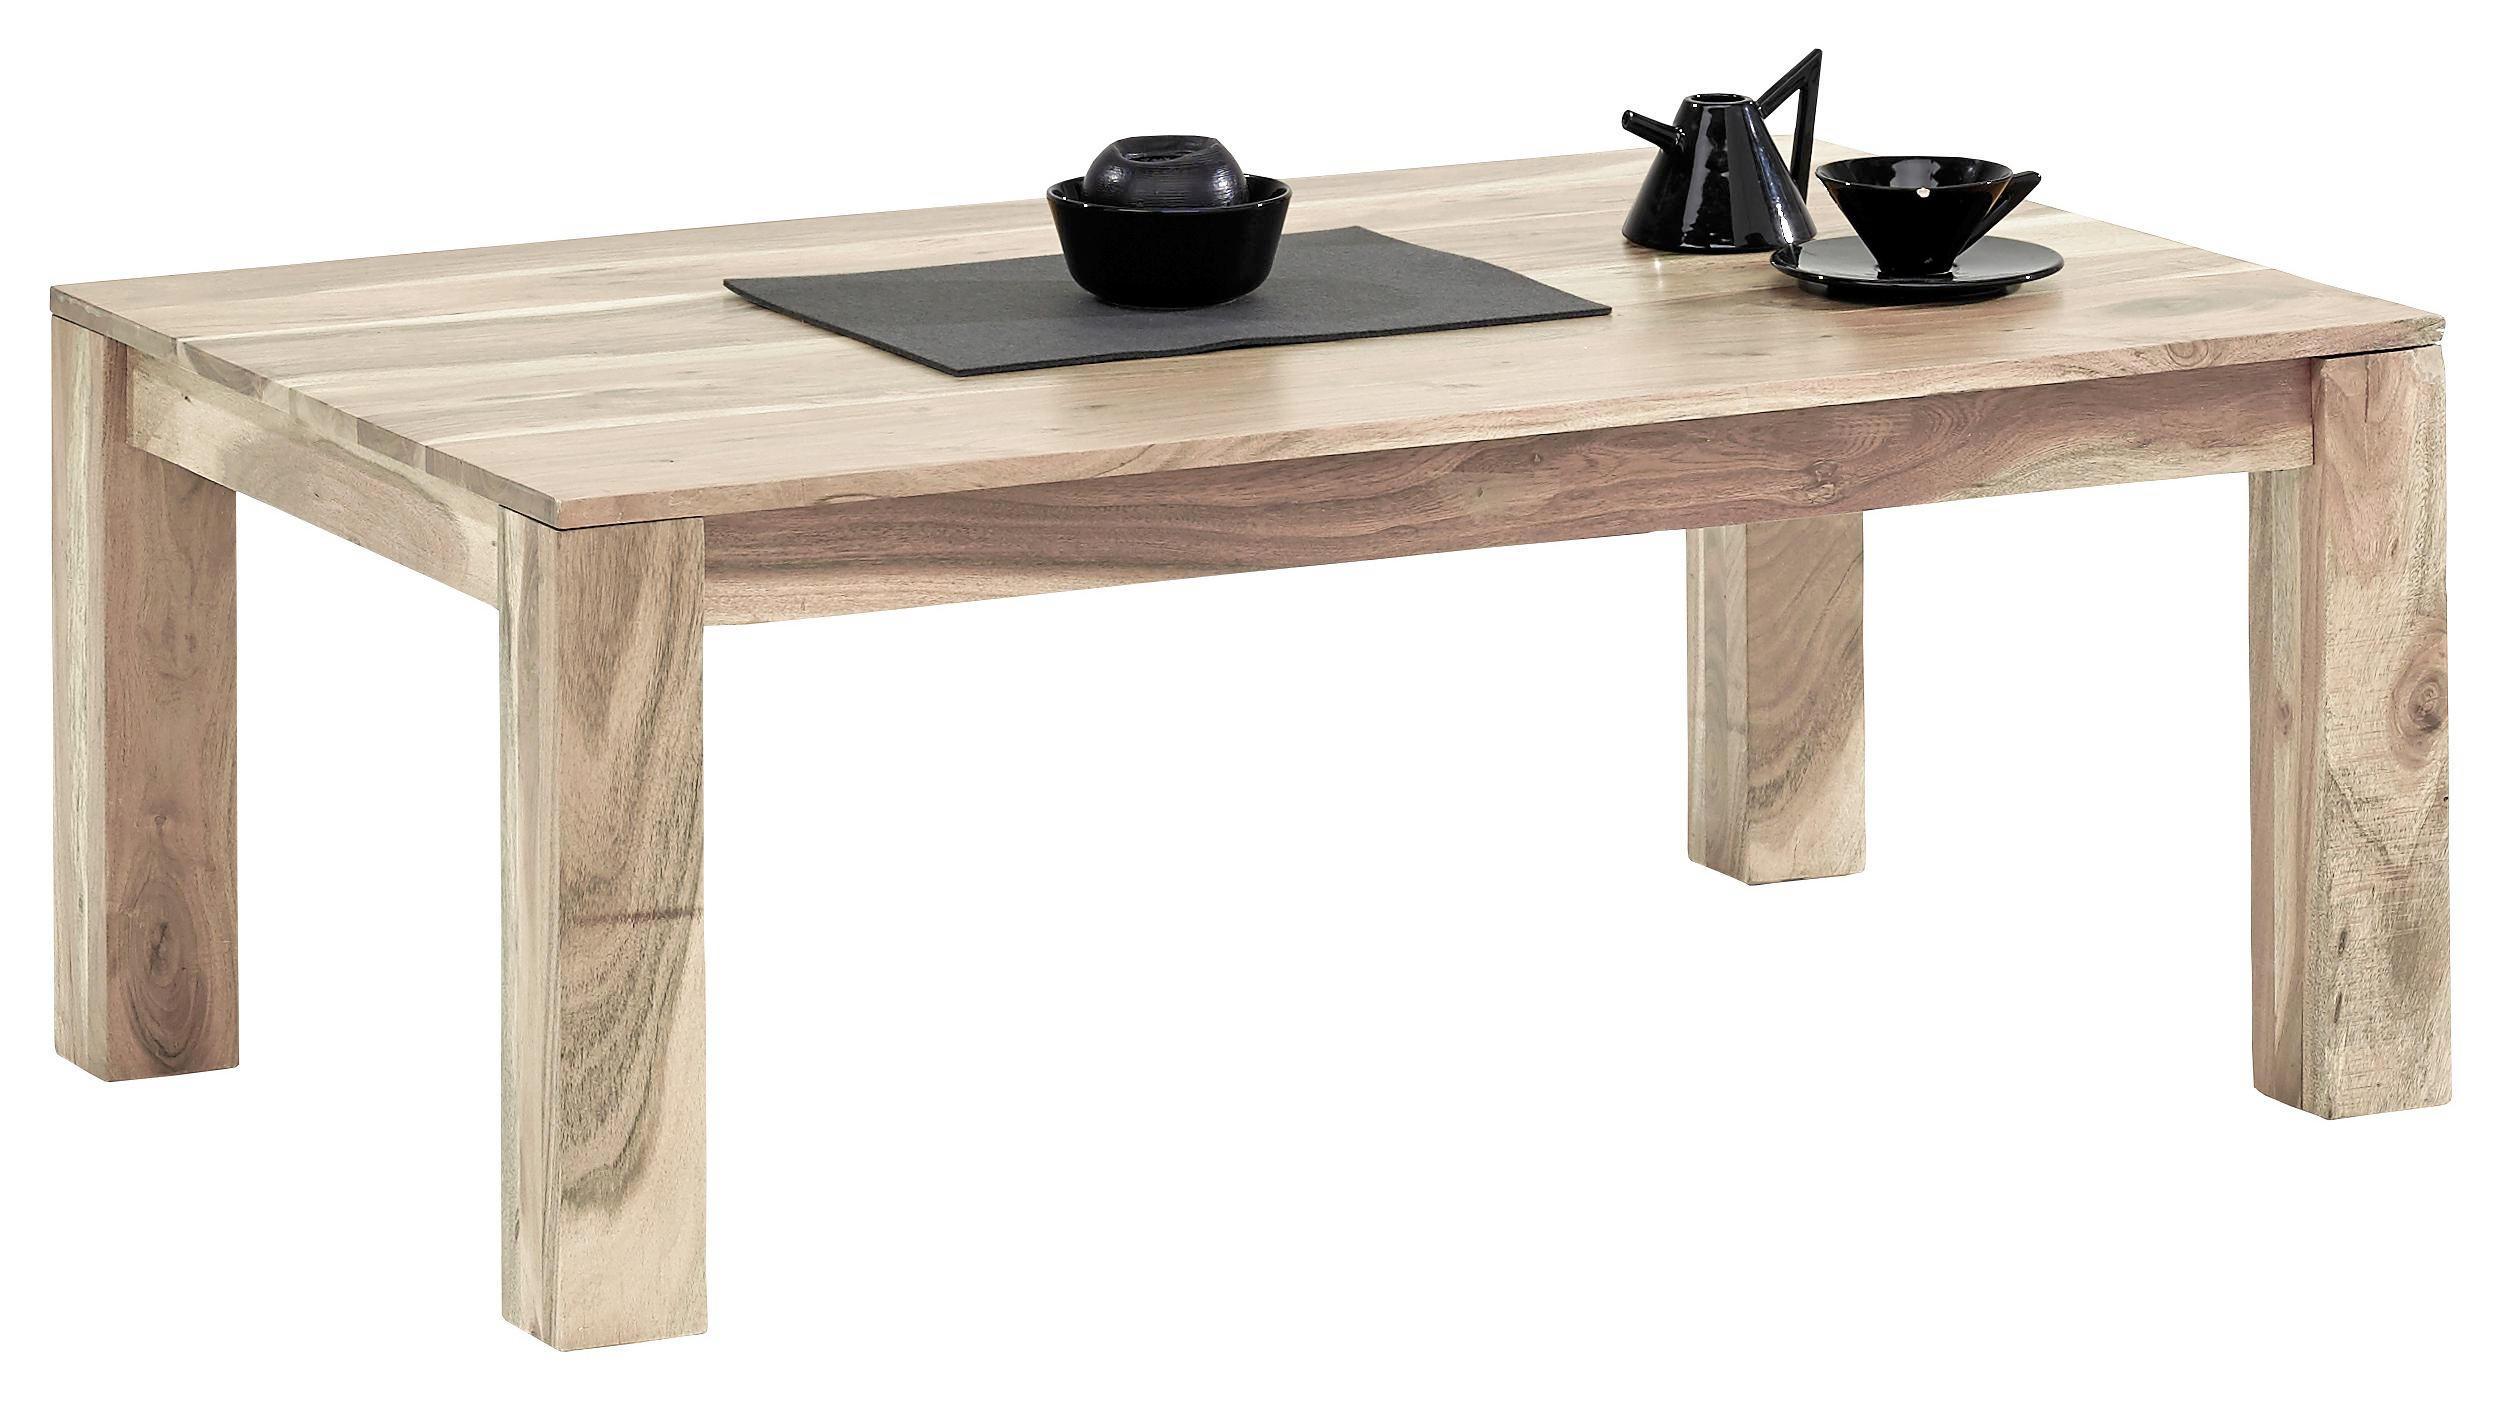 Gallery Of Best Couchtisch Akazie Massiv Rechteckig Braun Braun Lifestyle  Holz With Couchtisch Braun Holz With Couchtisch Akazie Dunkel